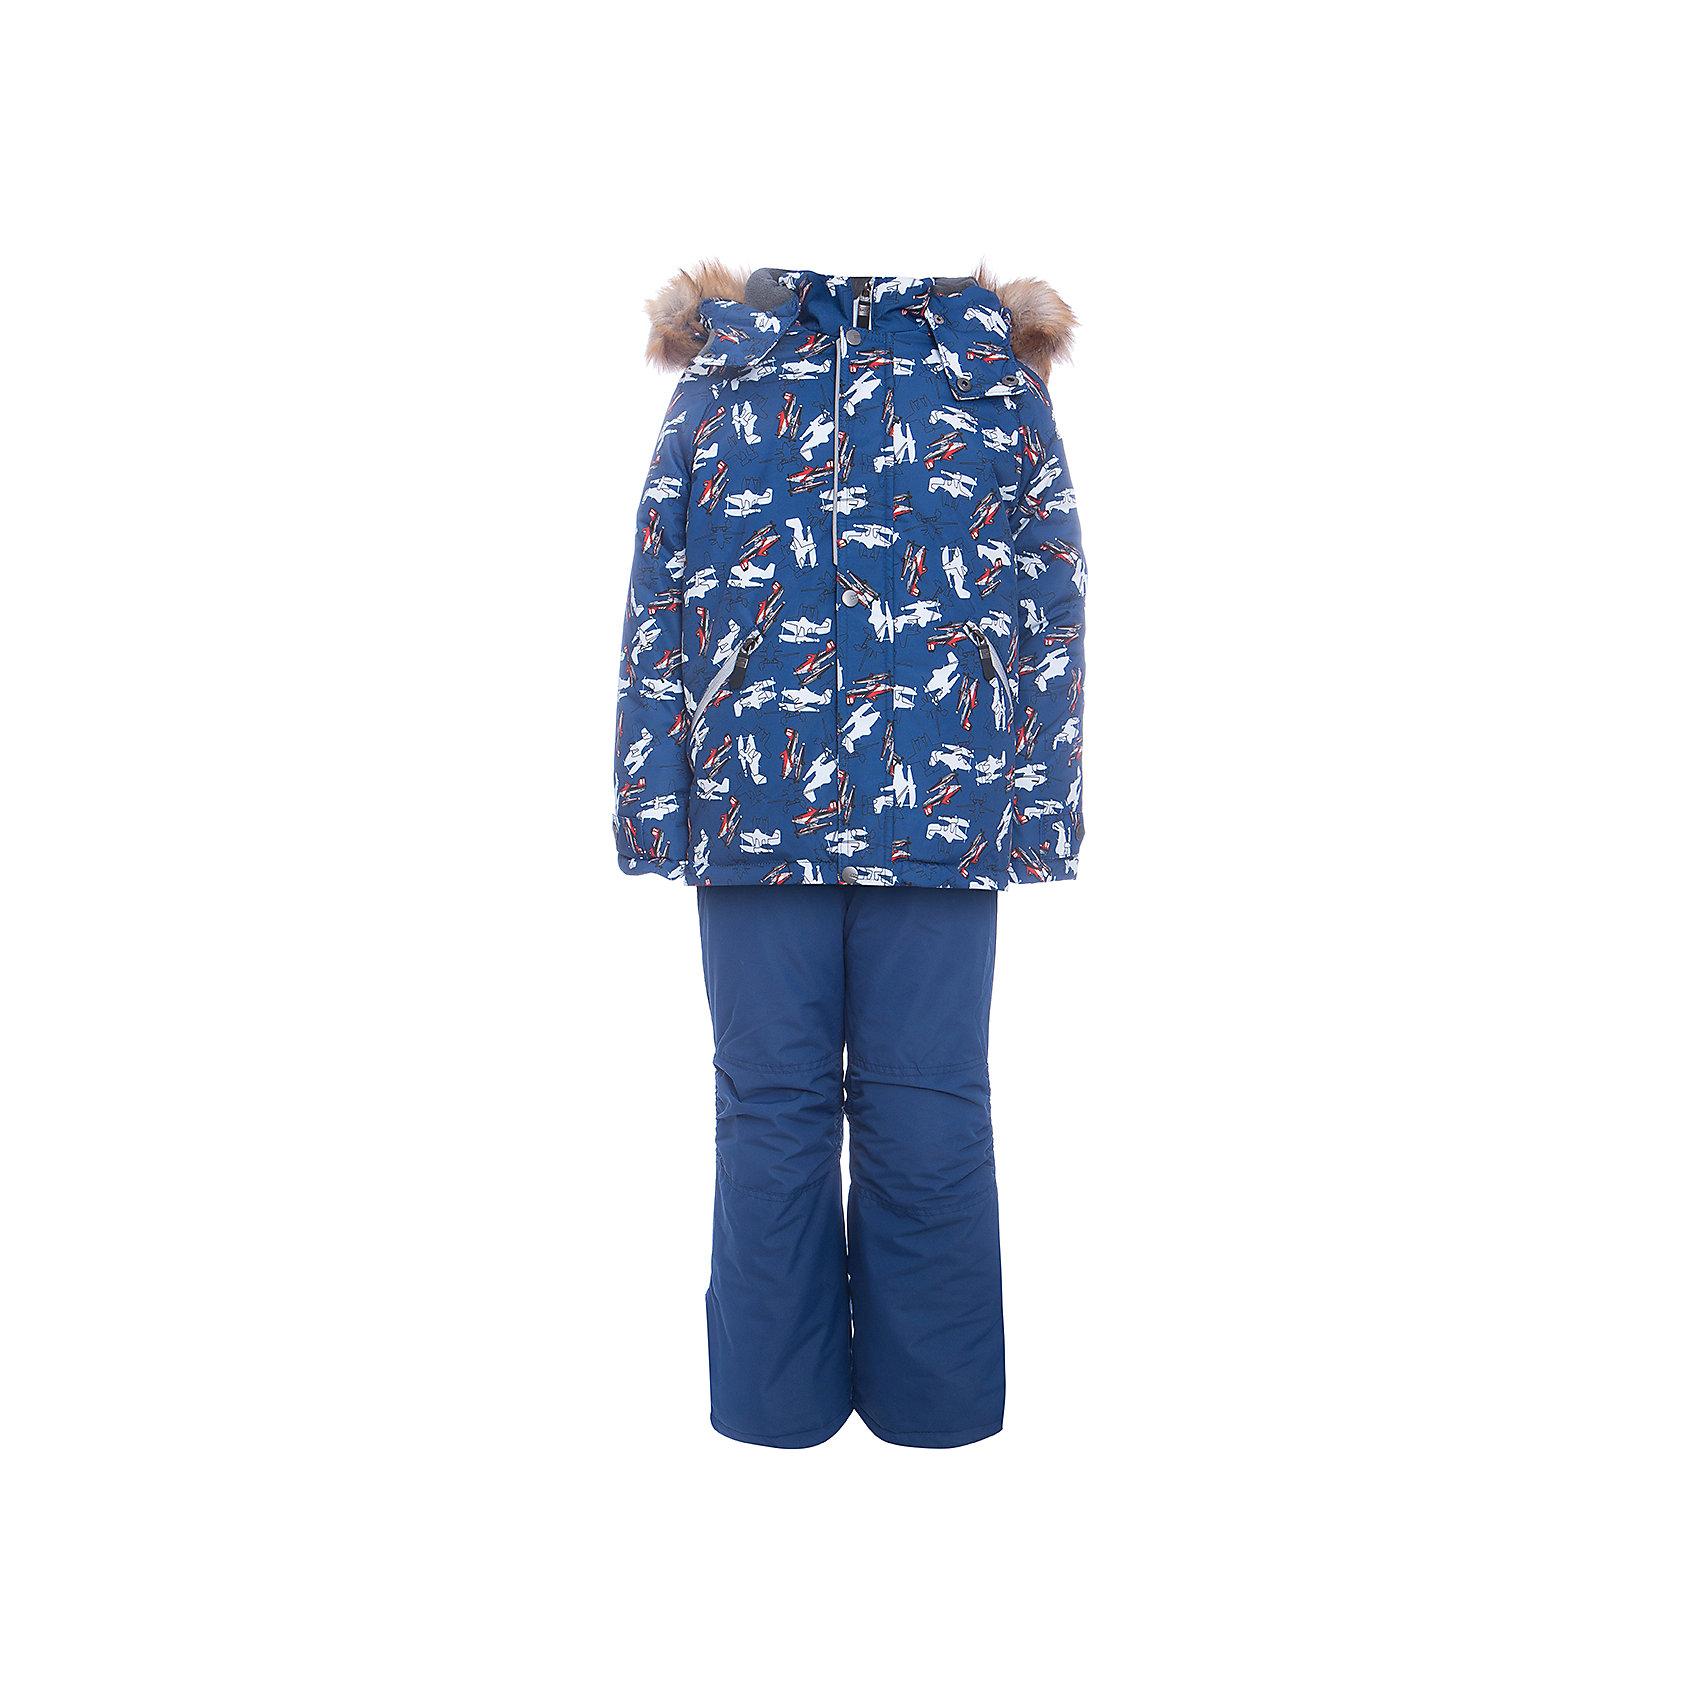 Комплект: куртка и полукомбенизон Дасти 2 Batik для мальчикаВерхняя одежда<br>Характеристики товара:<br><br>• цвет: синий<br>• комплектация: куртка и полукомбинезон <br>• состав ткани: таслан<br>• подкладка: поларфлис<br>• утеплитель: термофин<br>• сезон: зима<br>• мембранное покрытие<br>• температурный режим: от -35 до 0<br>• водонепроницаемость: 5000 мм <br>• паропроницаемость: 5000 г/м2<br>• плотность утеплителя: куртка - 350 г/м2, полукомбинезон - 200 г/м2<br>• застежка: молния<br>• капюшон: с мехом, отстегивается<br>• встроенный термодатчик<br>• страна бренда: Россия<br>• страна изготовитель: Россия<br><br>Непромокаемый и непродуваемый верх детского комплекта дополнен теплым наполнителем и мягкой подкладкой. Зимний мембранный комплект для мальчика легко чистится и долго служит. Детский комплект сделан легкого, но теплого материала. Зимний комплект для ребенка отличается стильным дизайном. <br><br>Комплект: куртка и полукомбинезон Дасти 2 Batik (Батик) для мальчика можно купить в нашем интернет-магазине.<br><br>Ширина мм: 356<br>Глубина мм: 10<br>Высота мм: 245<br>Вес г: 519<br>Цвет: синий<br>Возраст от месяцев: 72<br>Возраст до месяцев: 84<br>Пол: Мужской<br>Возраст: Детский<br>Размер: 122,110,104,116<br>SKU: 7027976